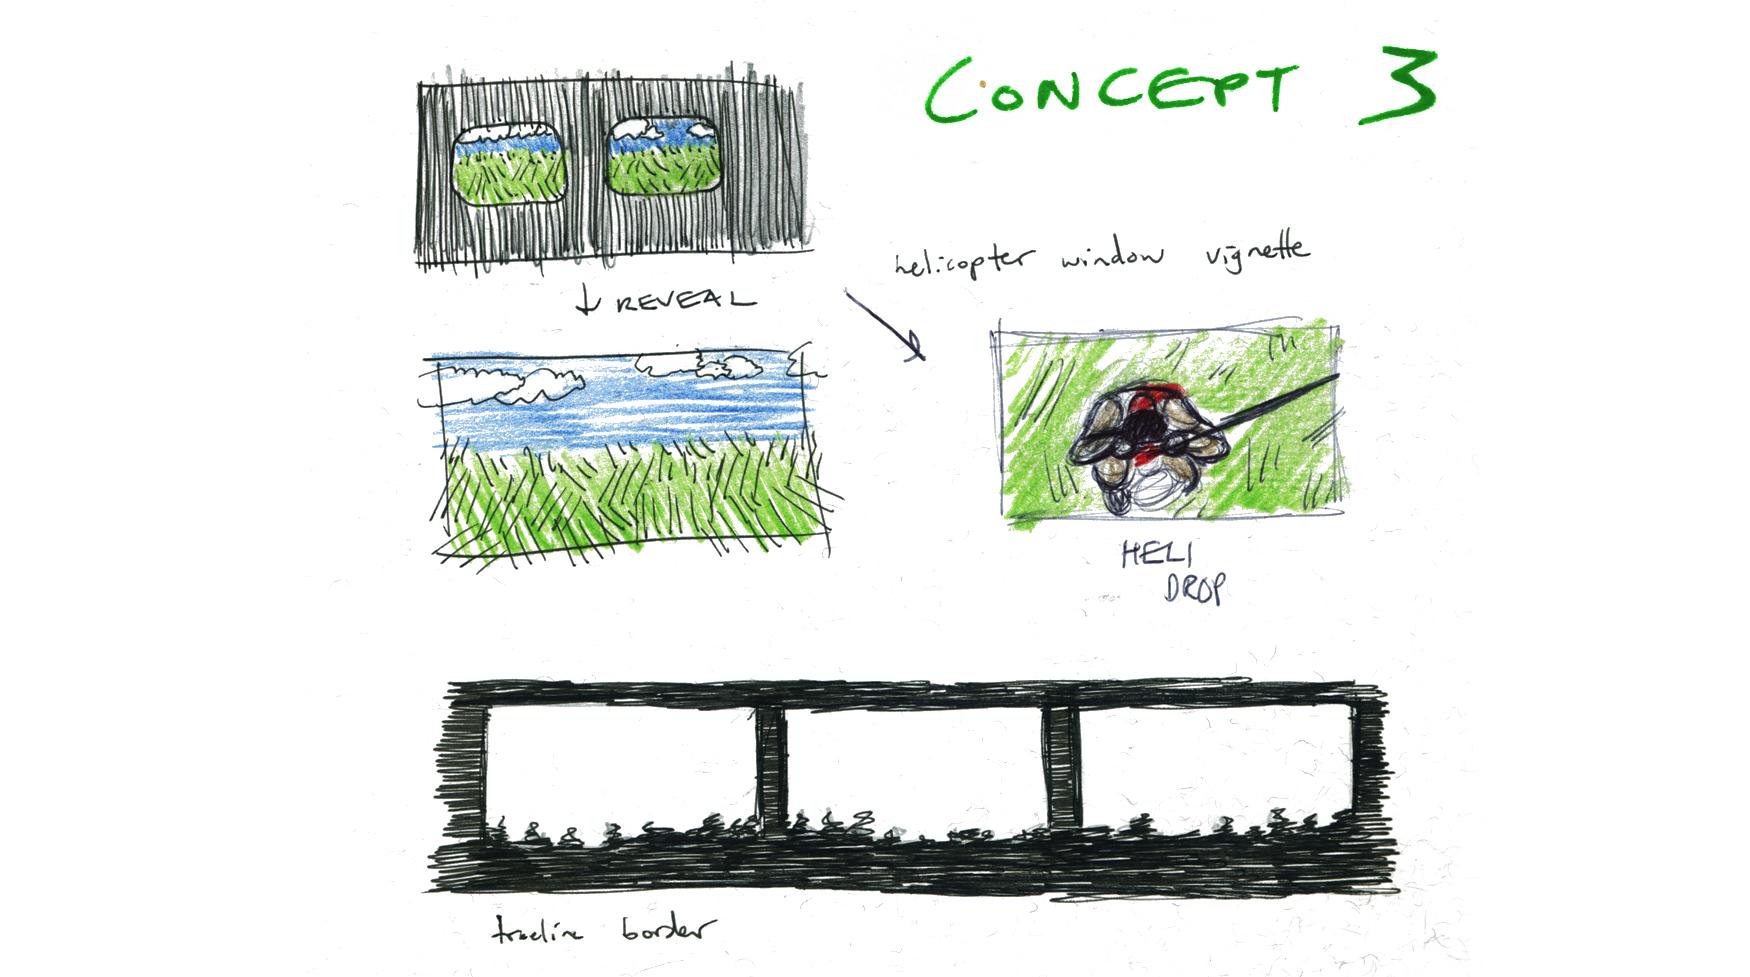 RItheater_conceptSketches3.jpg